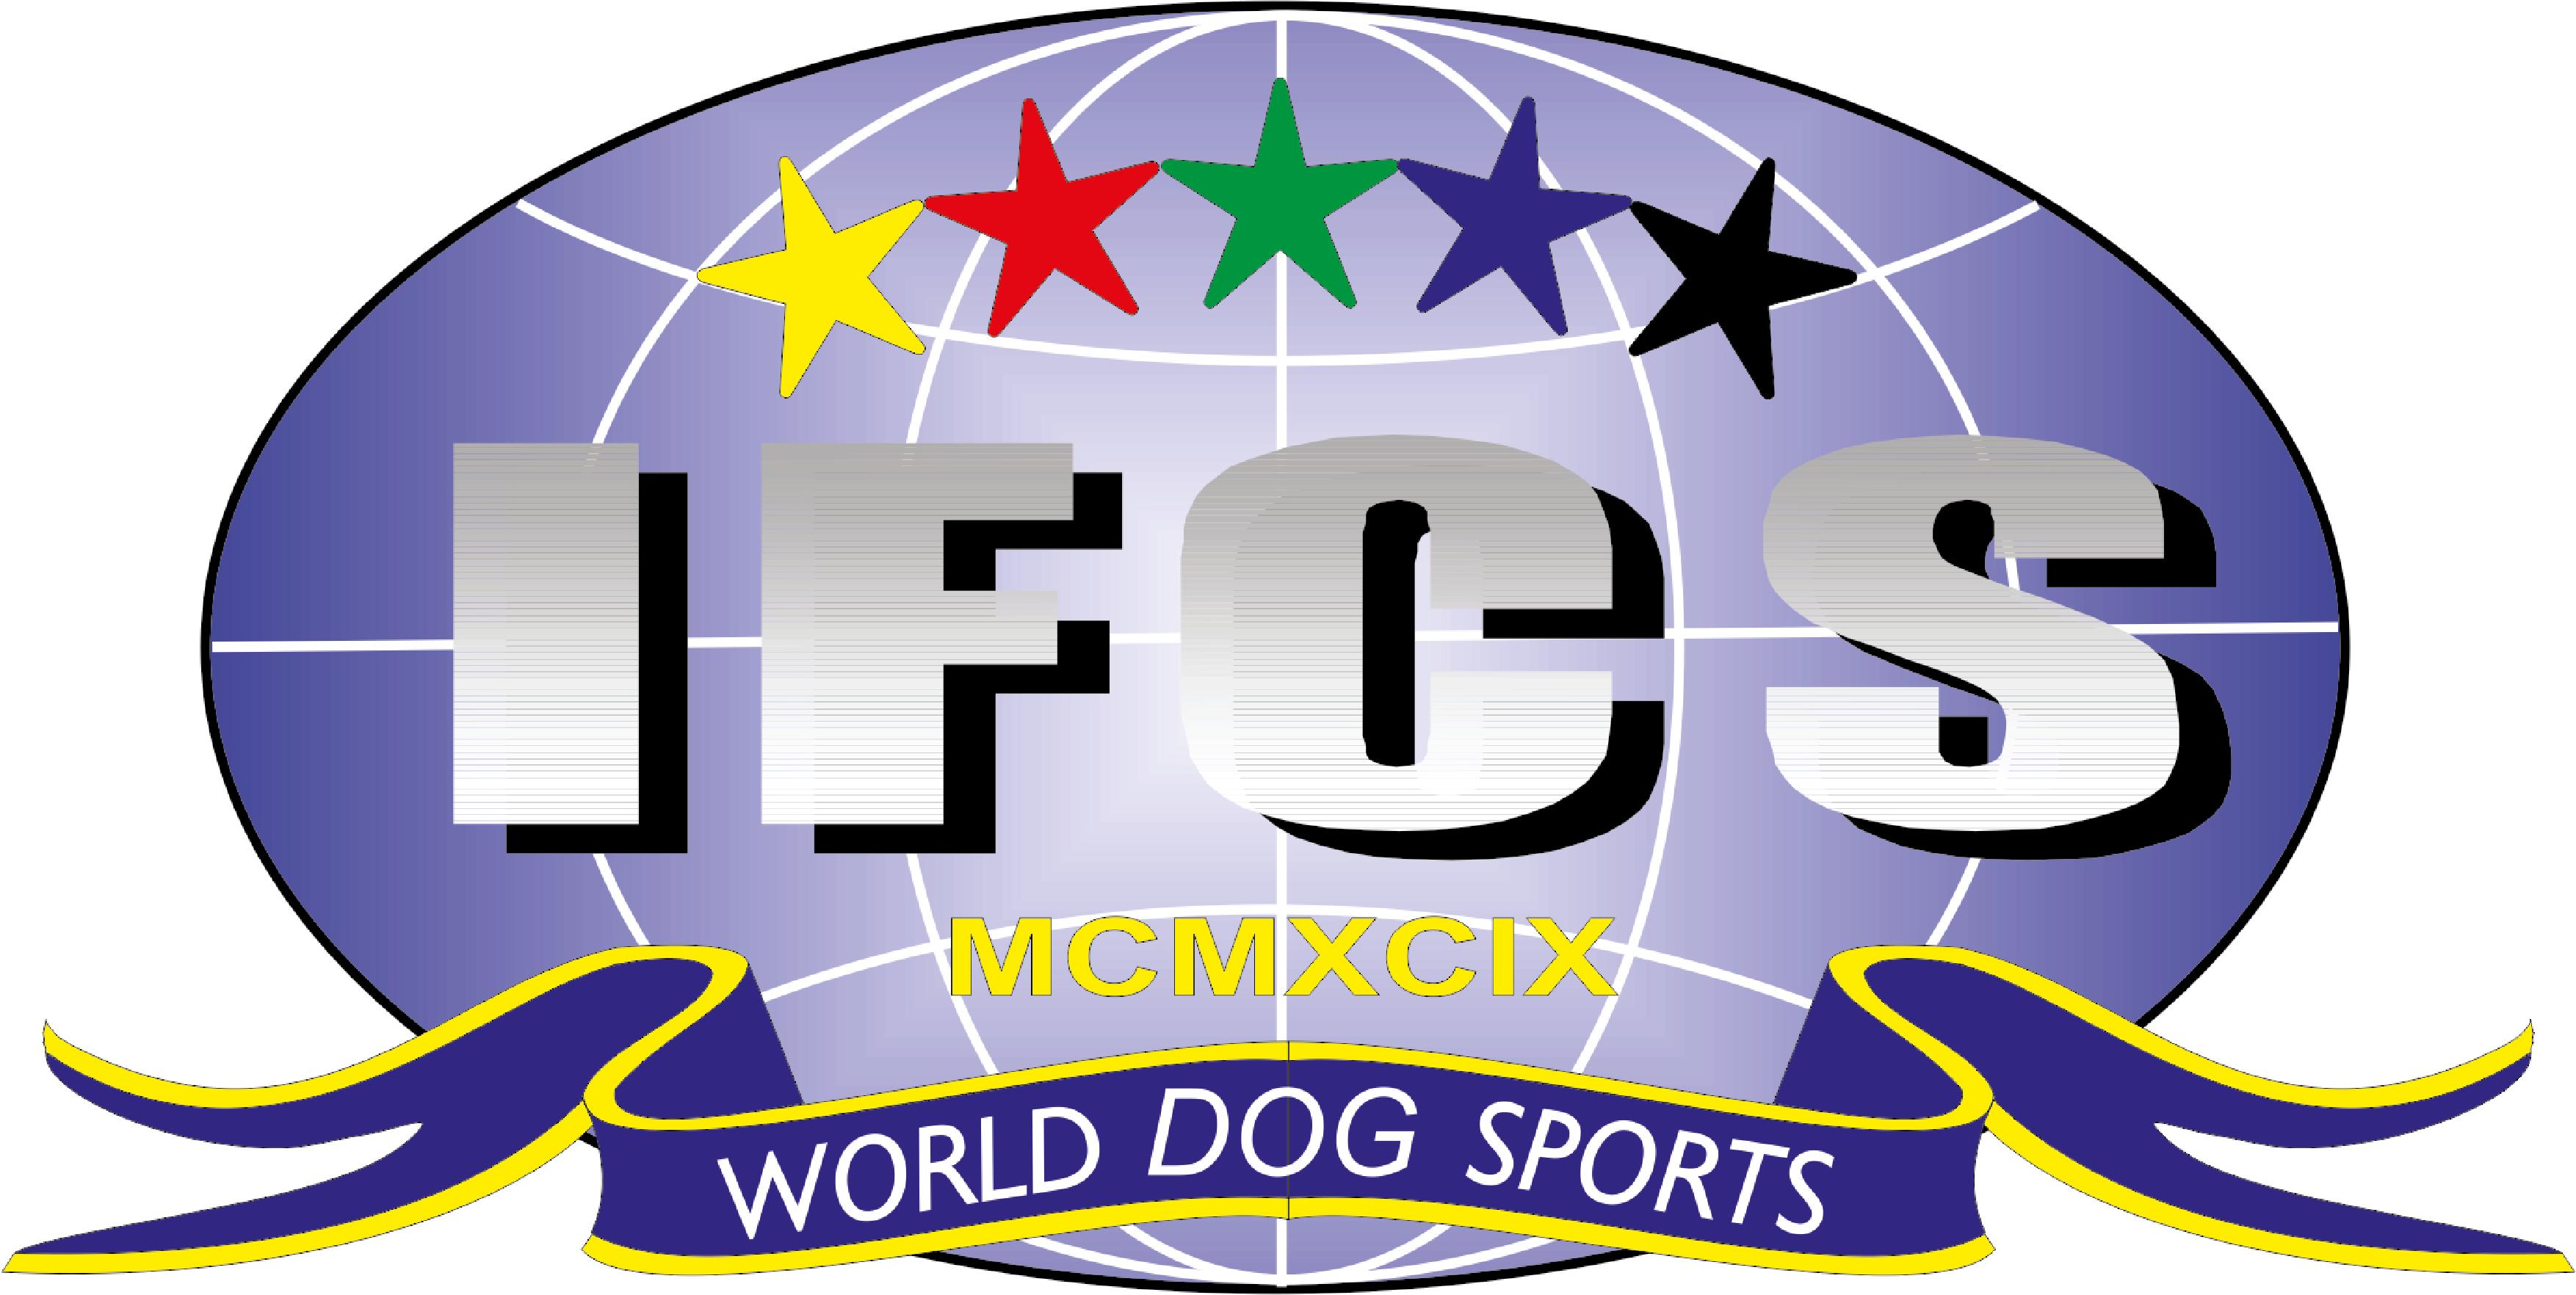 logo-ifcs-piu-scritta